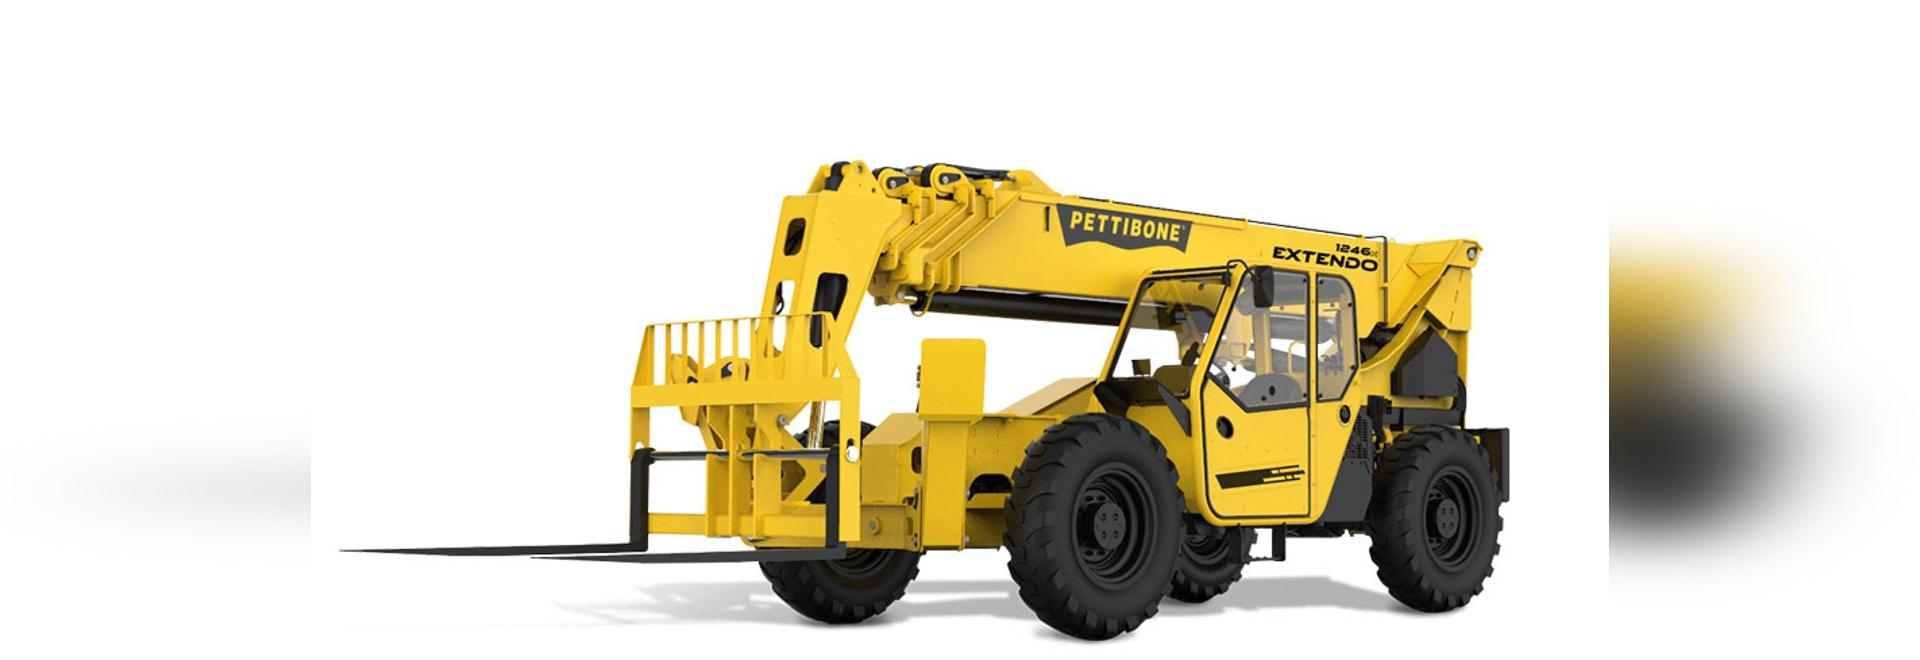 Pettibone-Durchquerung T1258X Telehandler